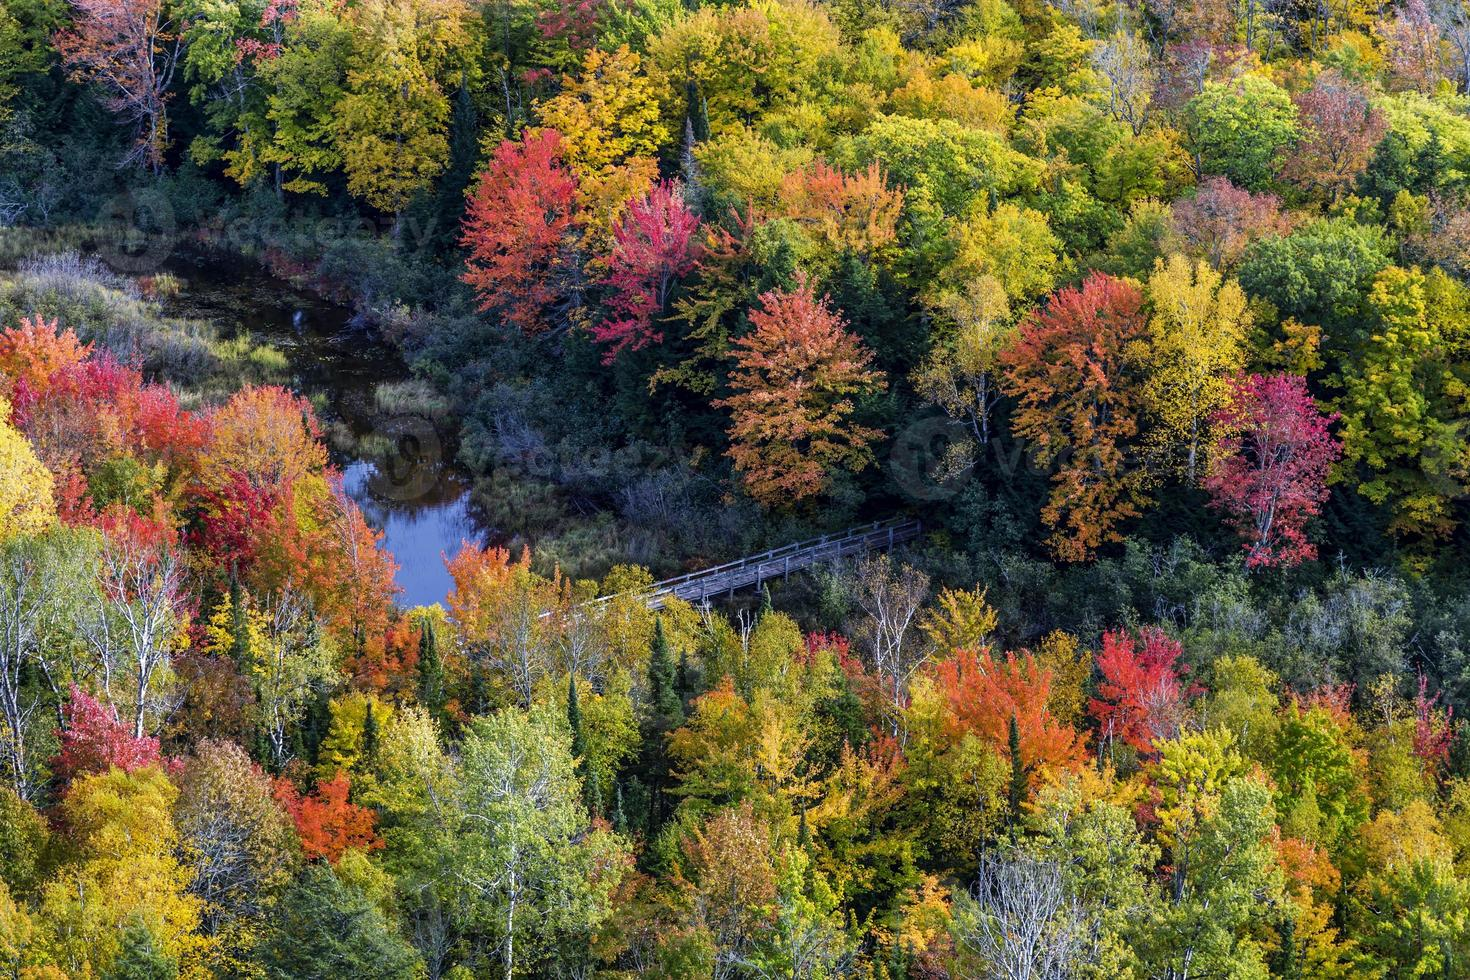 valt kleuren op karper rivier, staatspark stekelvarken bergen foto